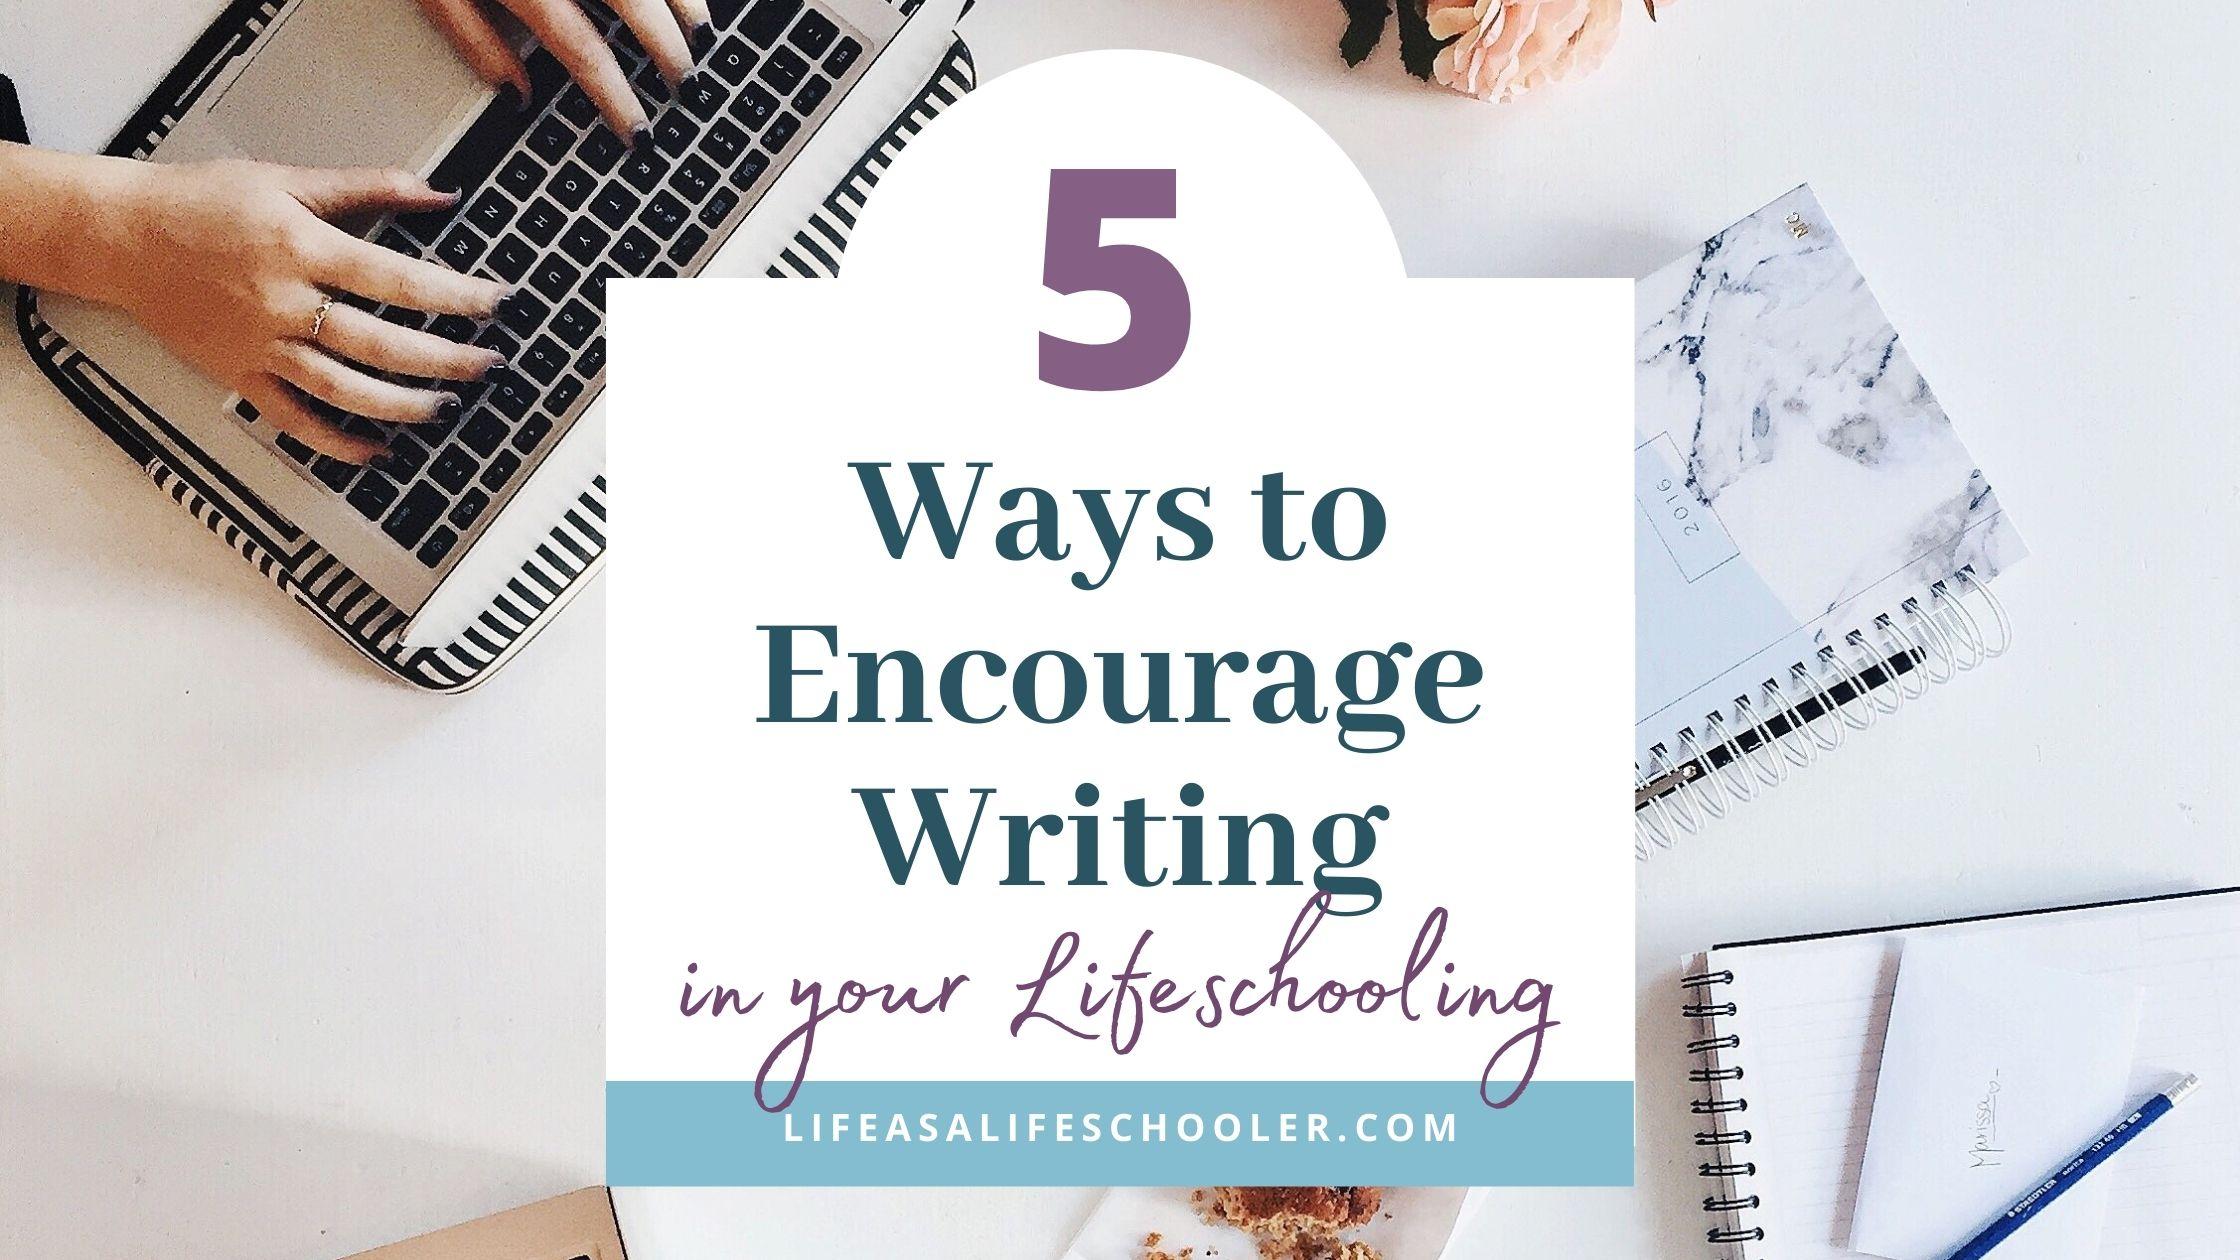 5 ways to encourage writing